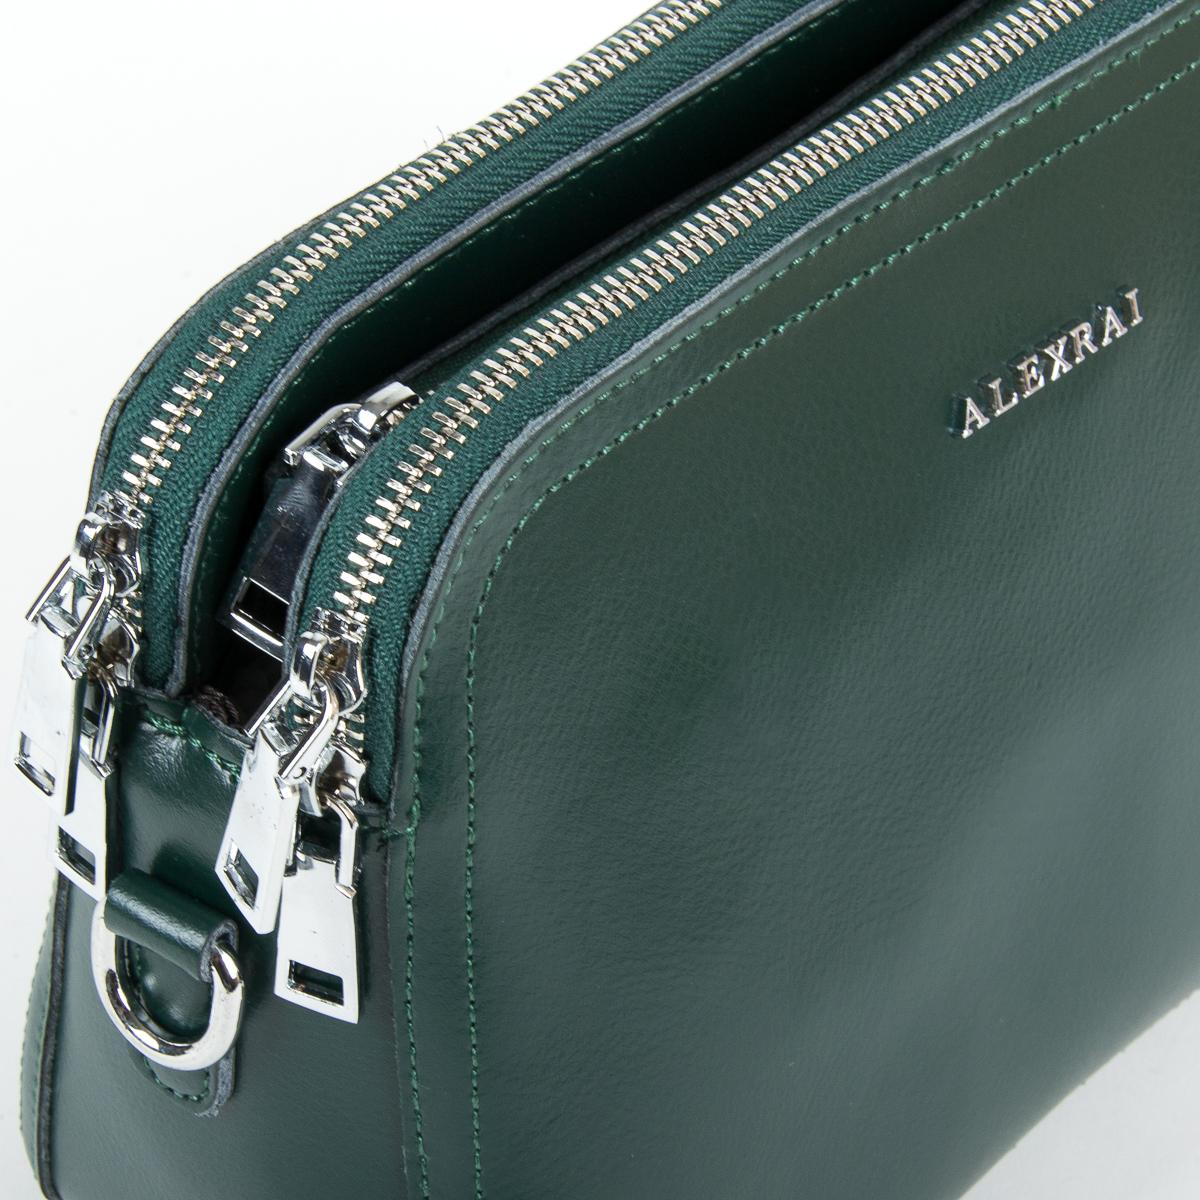 Сумка Женская Клатч кожа ALEX RAI 9-01 8725 green - фото 3